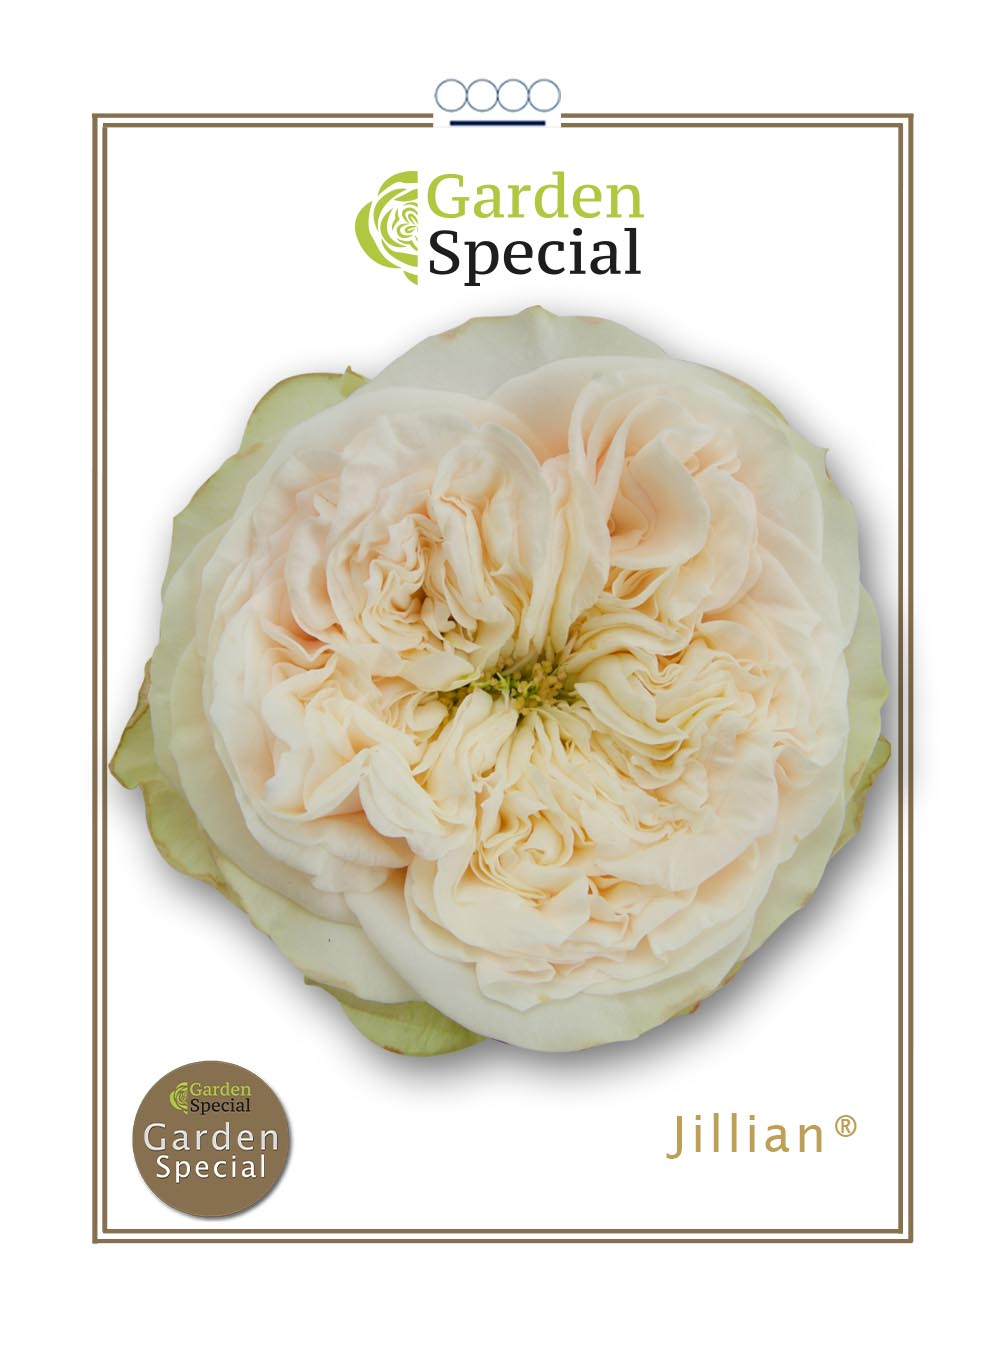 Jillian®